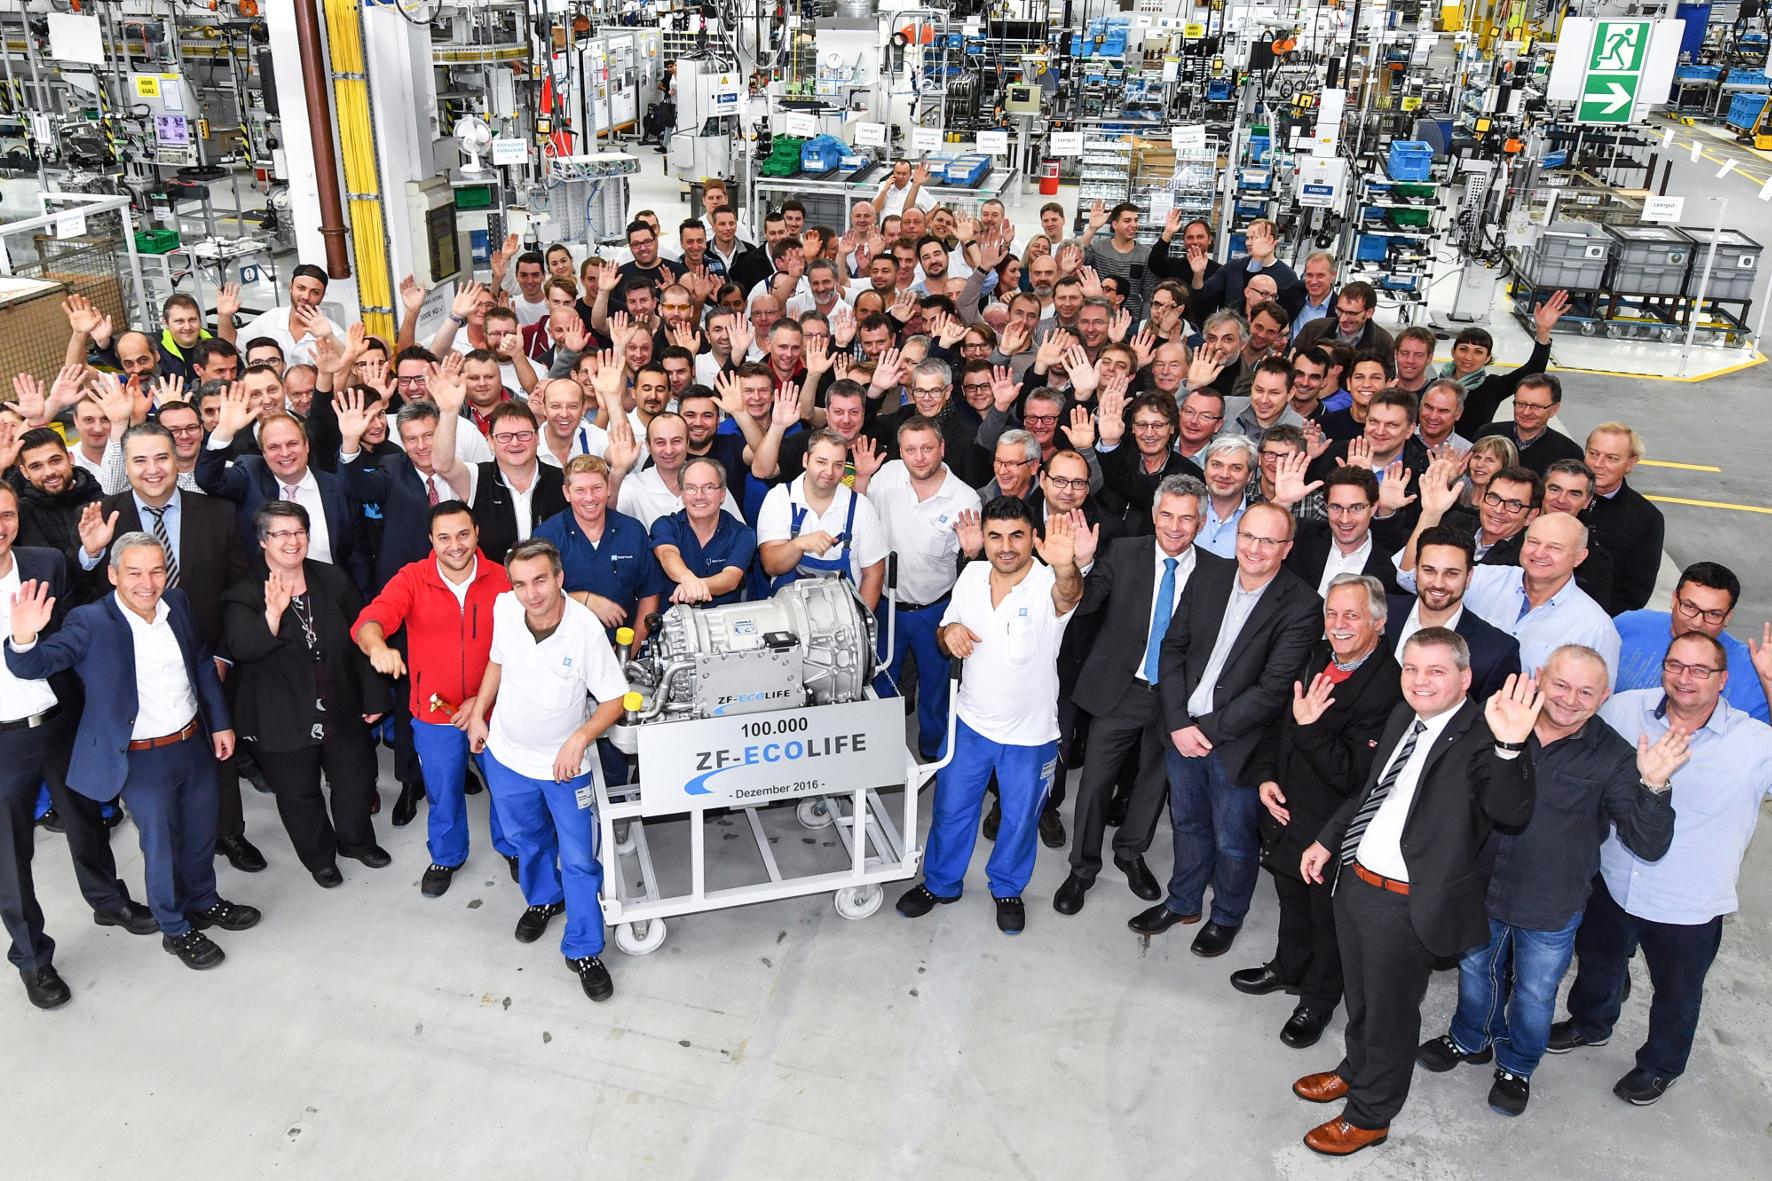 mid Groß-Gerau - Das 6-Gang-Automatikgetriebe EcoLife von ZF feiert jetzt Produktionsjubiläum: In Friedrichshafen läuft die 100.000ste Einheit vom Band.